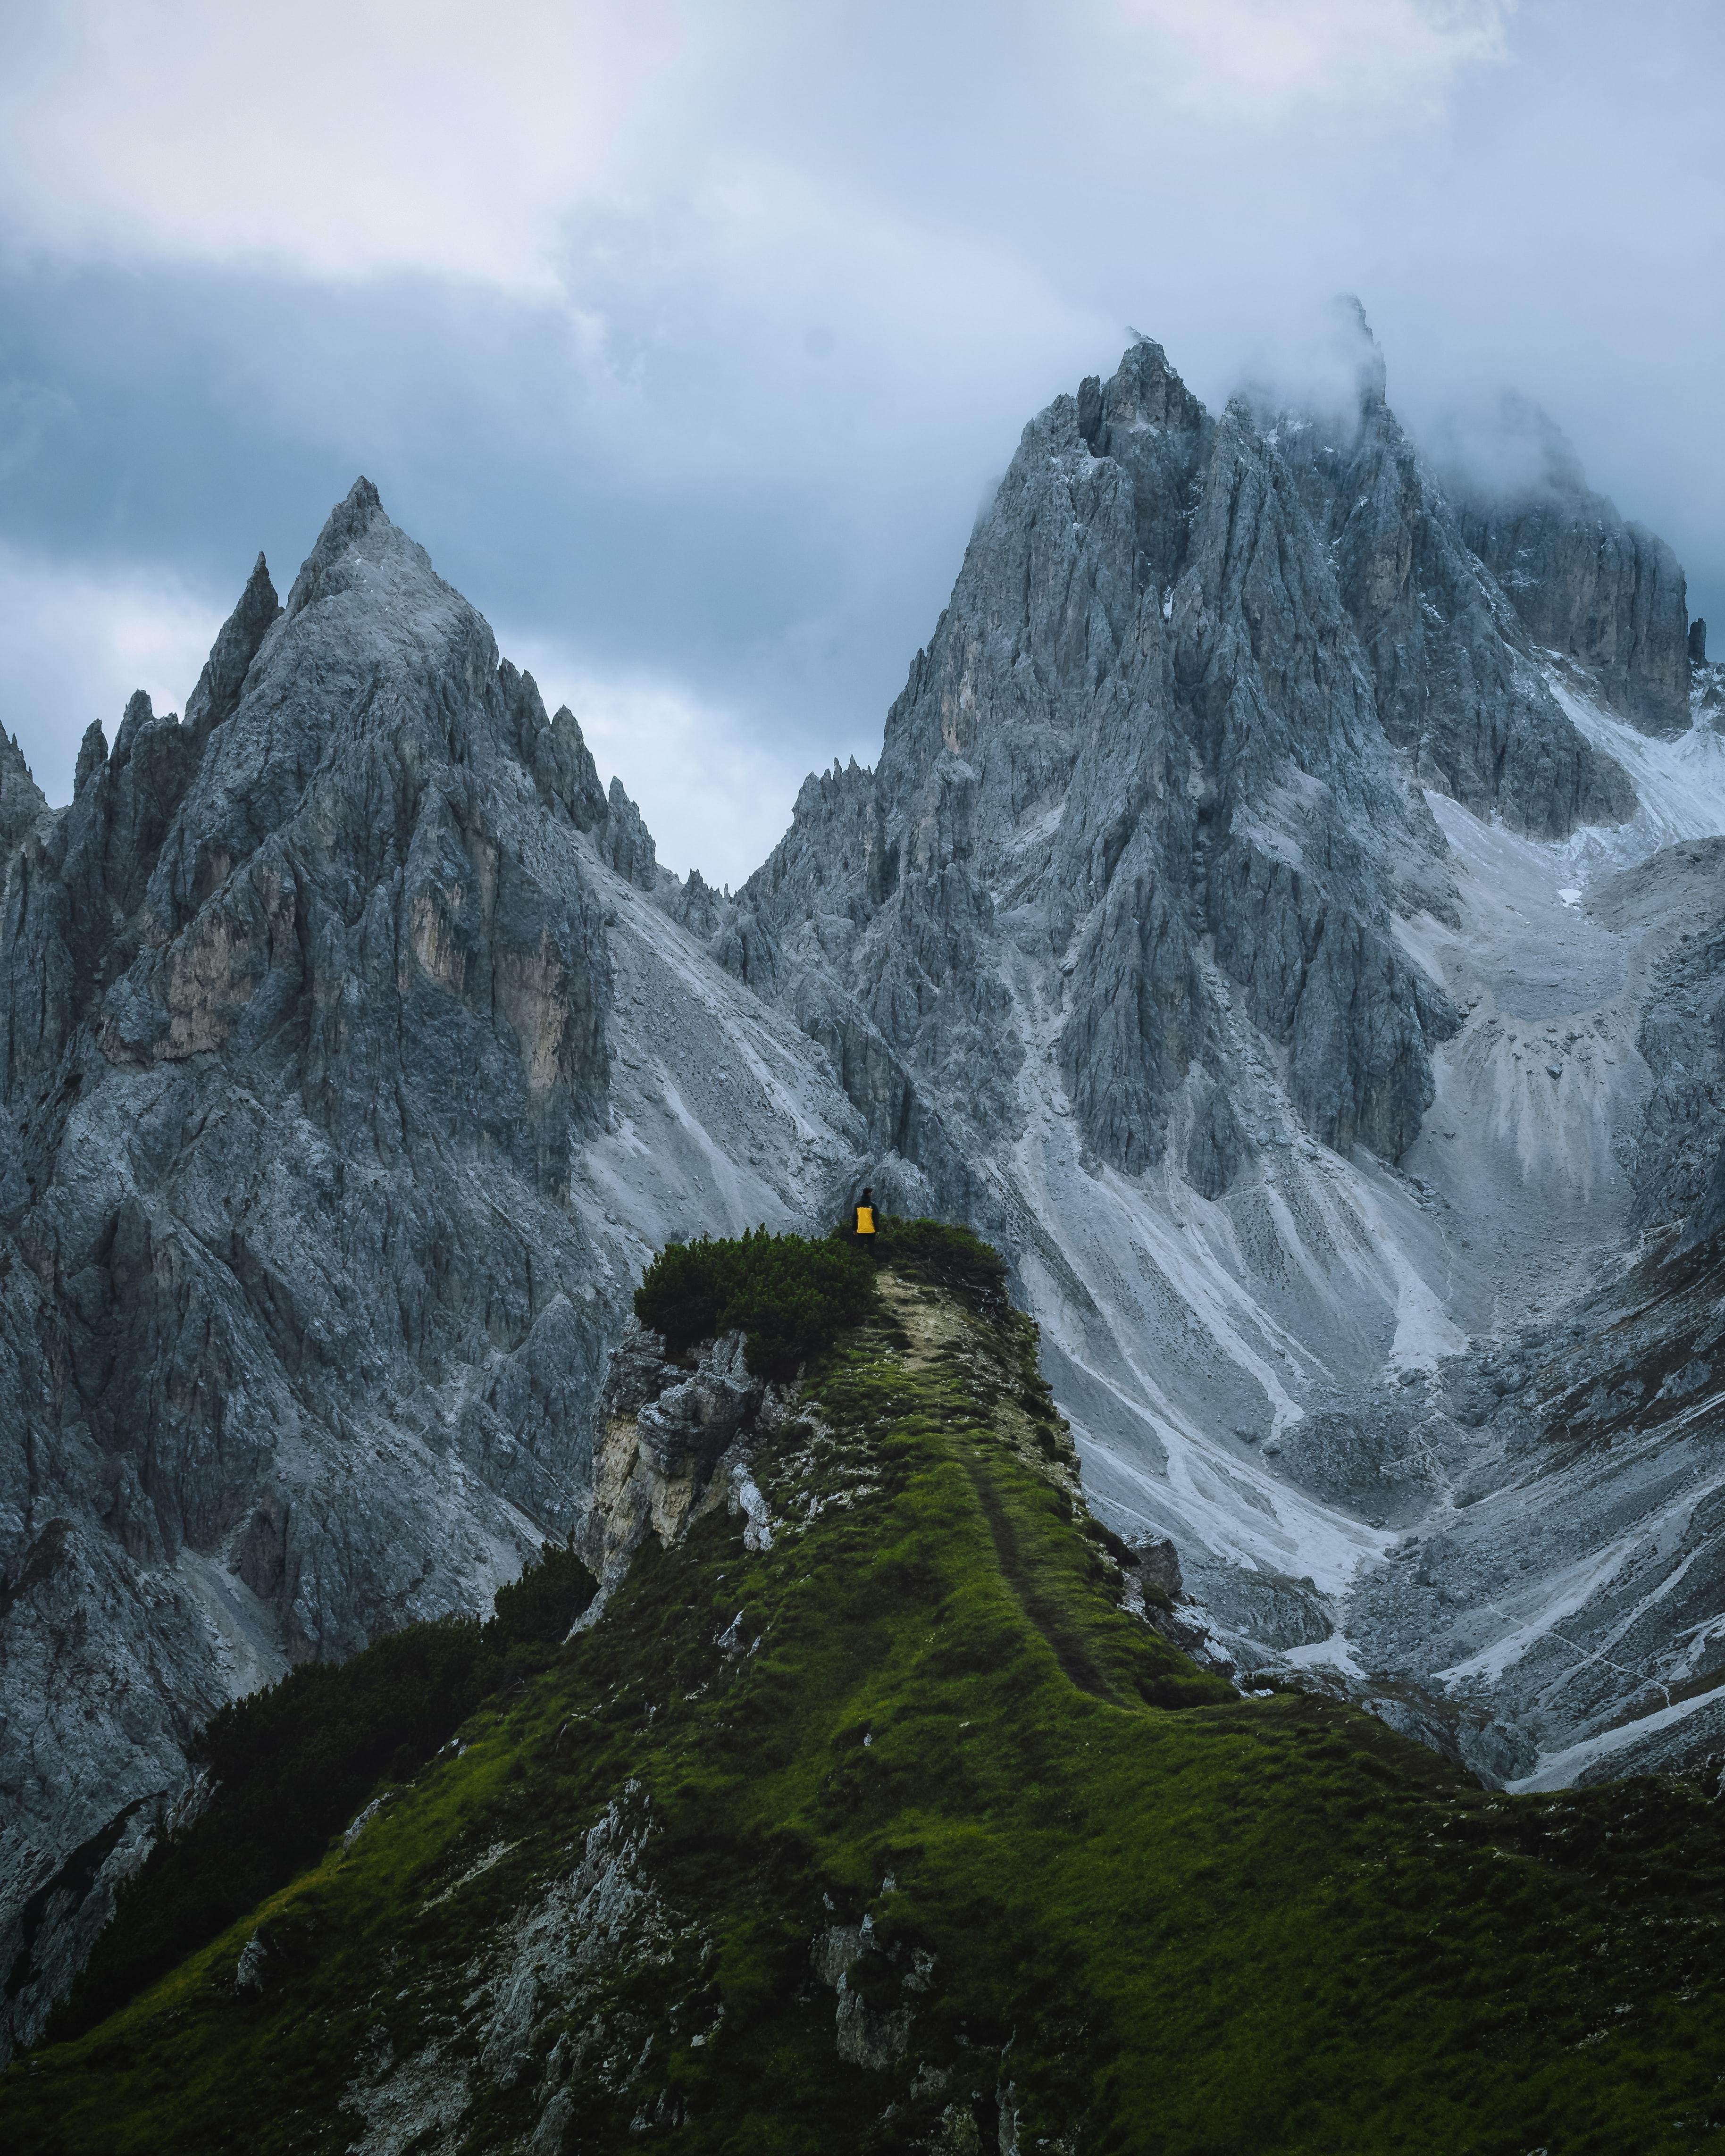 93741 скачать обои Природа, Скалы, Человек, Трава, Небо, Горы - заставки и картинки бесплатно